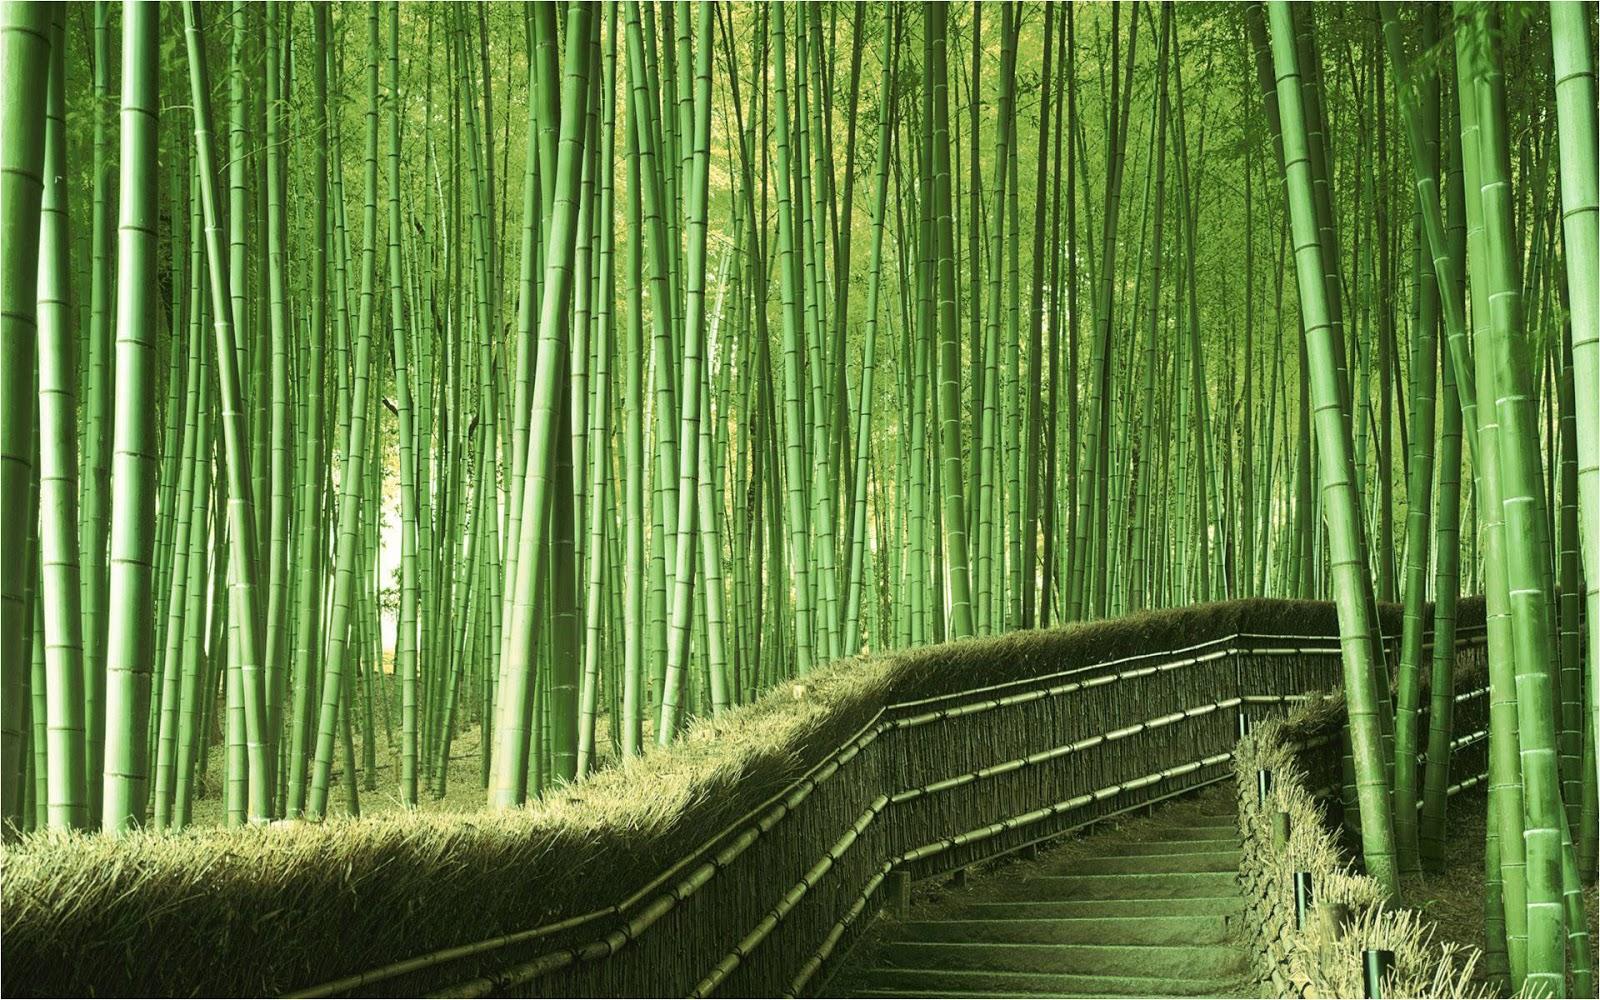 Maravilloso Bosque de Bambú, Kyoto 1